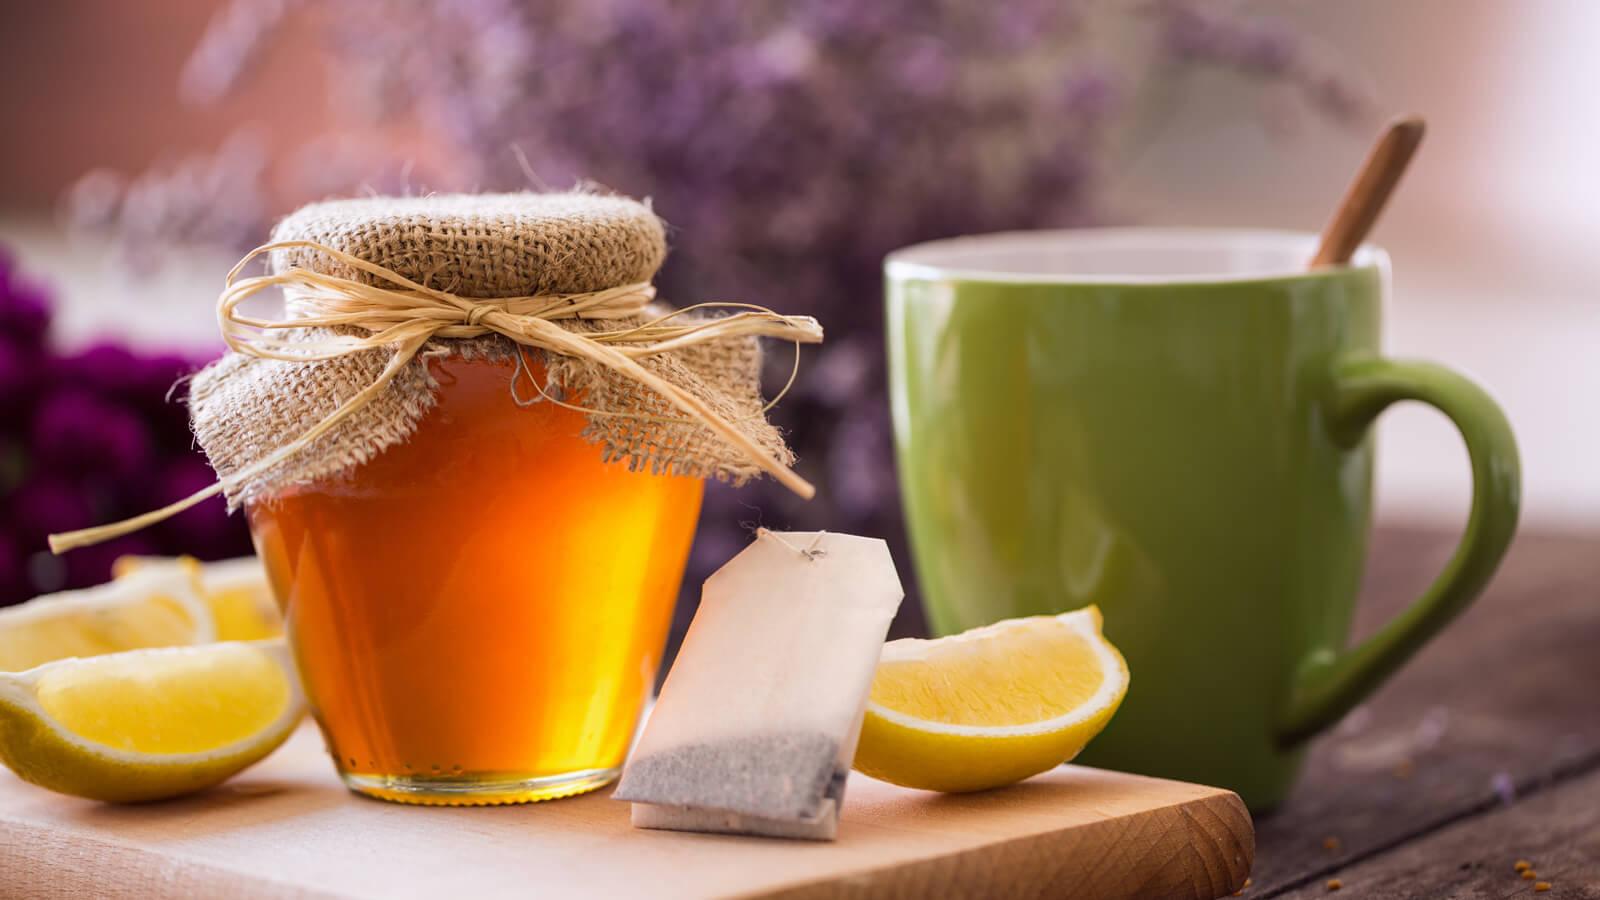 cách trị nám tàn nhang bằng mật ong và chanh